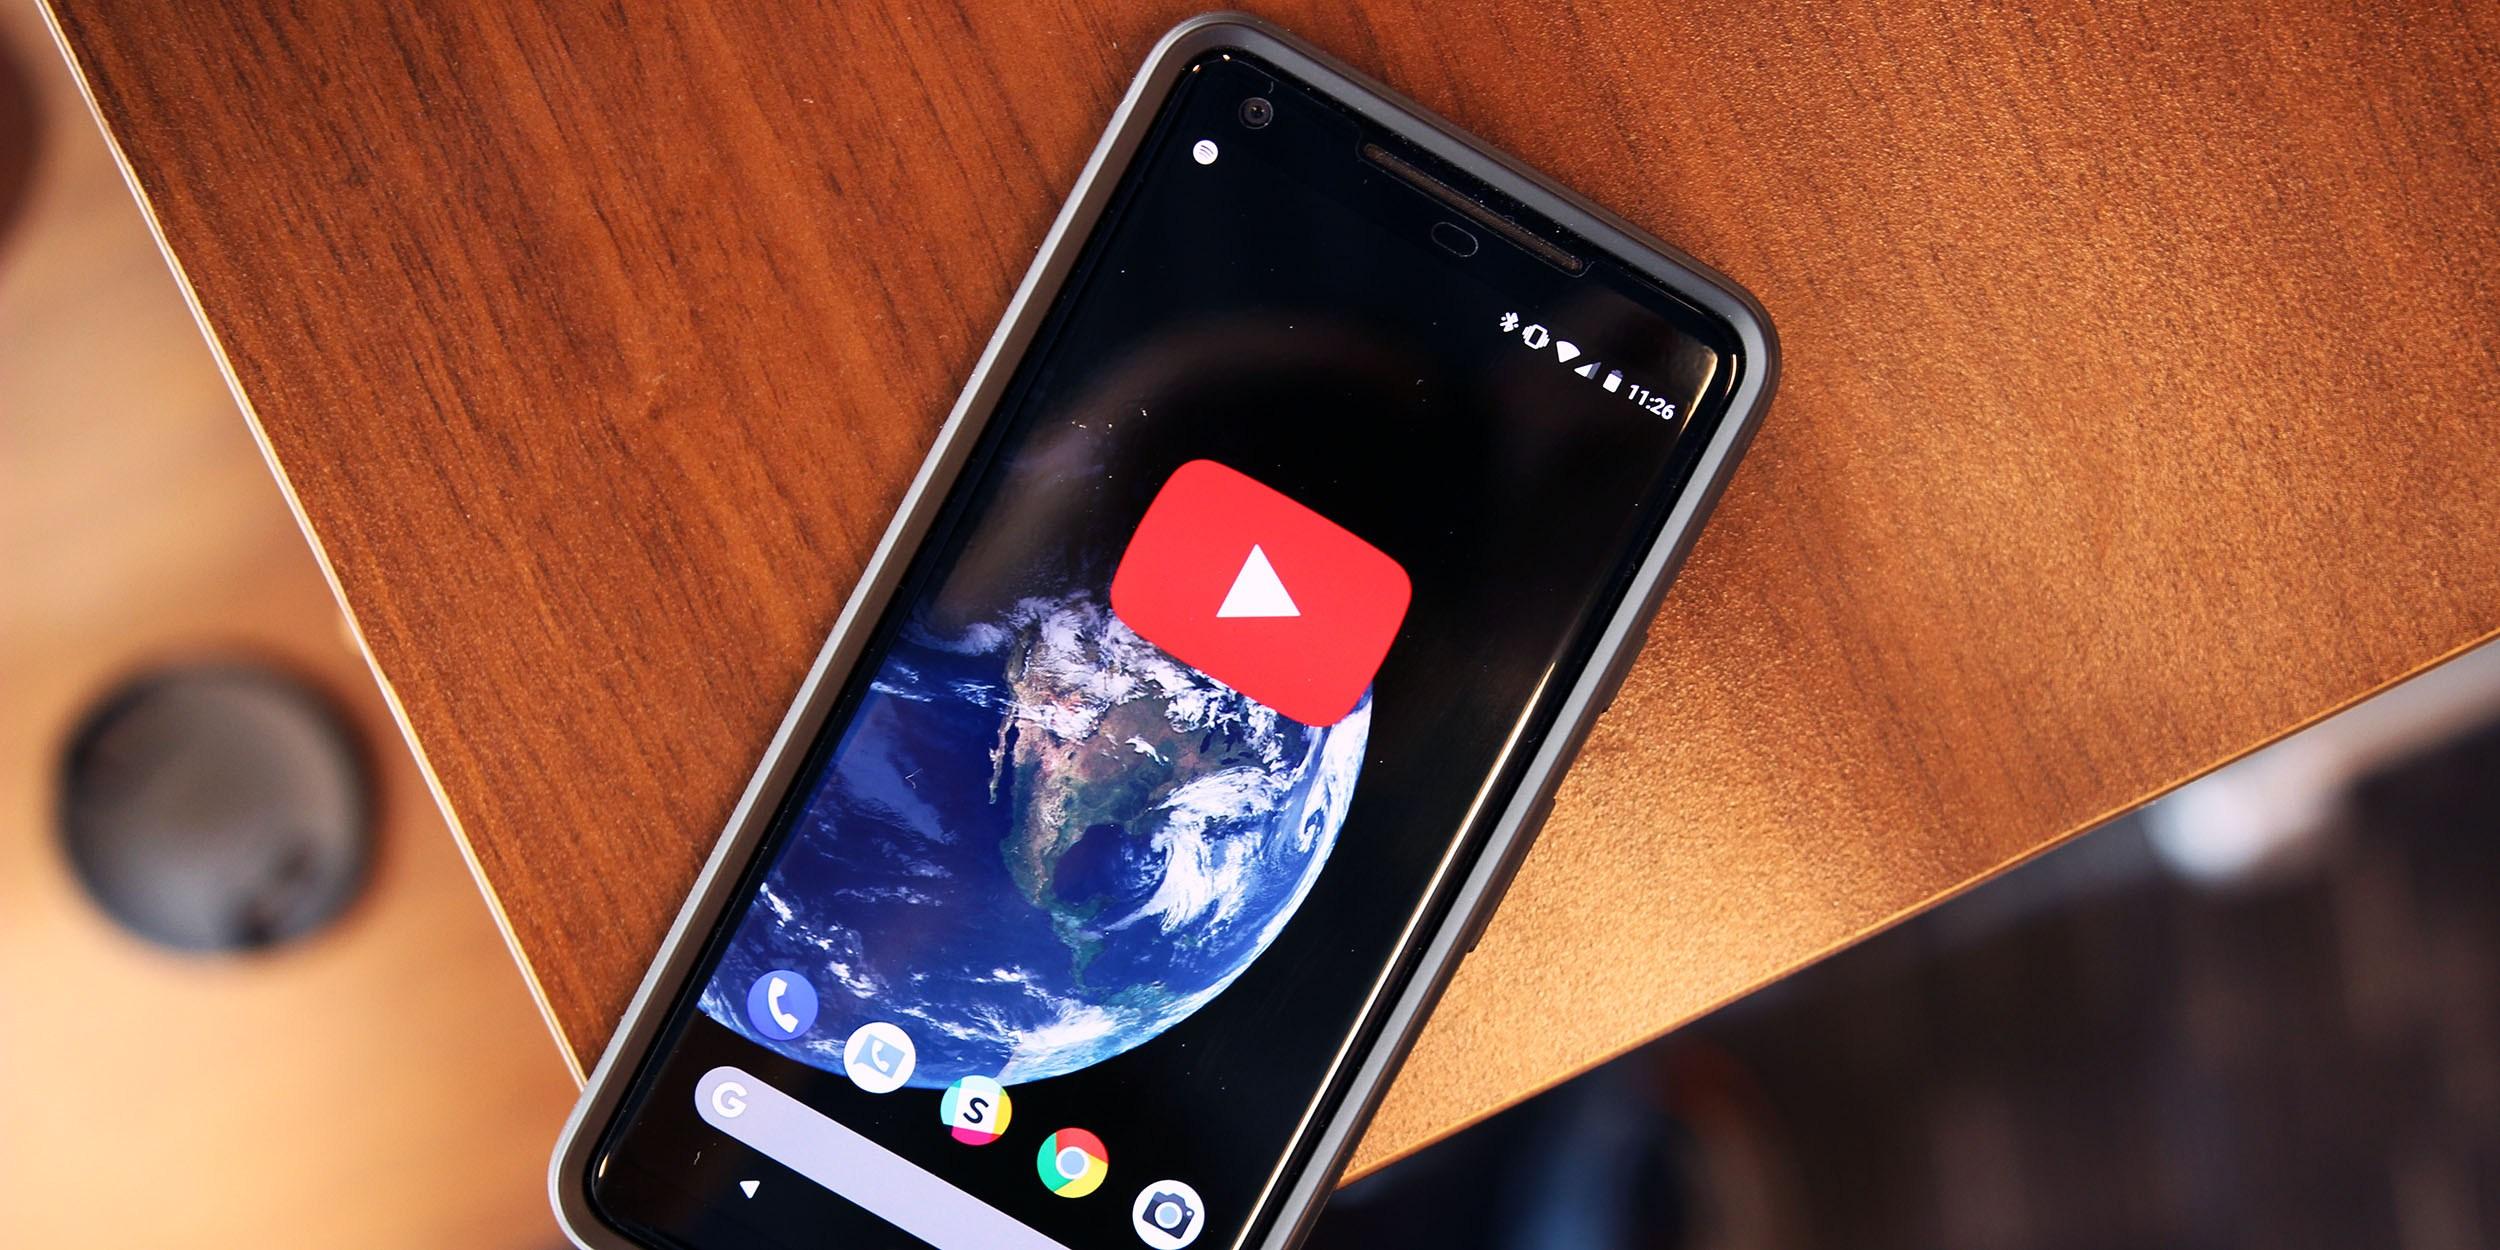 يوتيوب يعرض عليك الأن الوقت الذي قضيته في مشاهدة مقاطع الفيديو